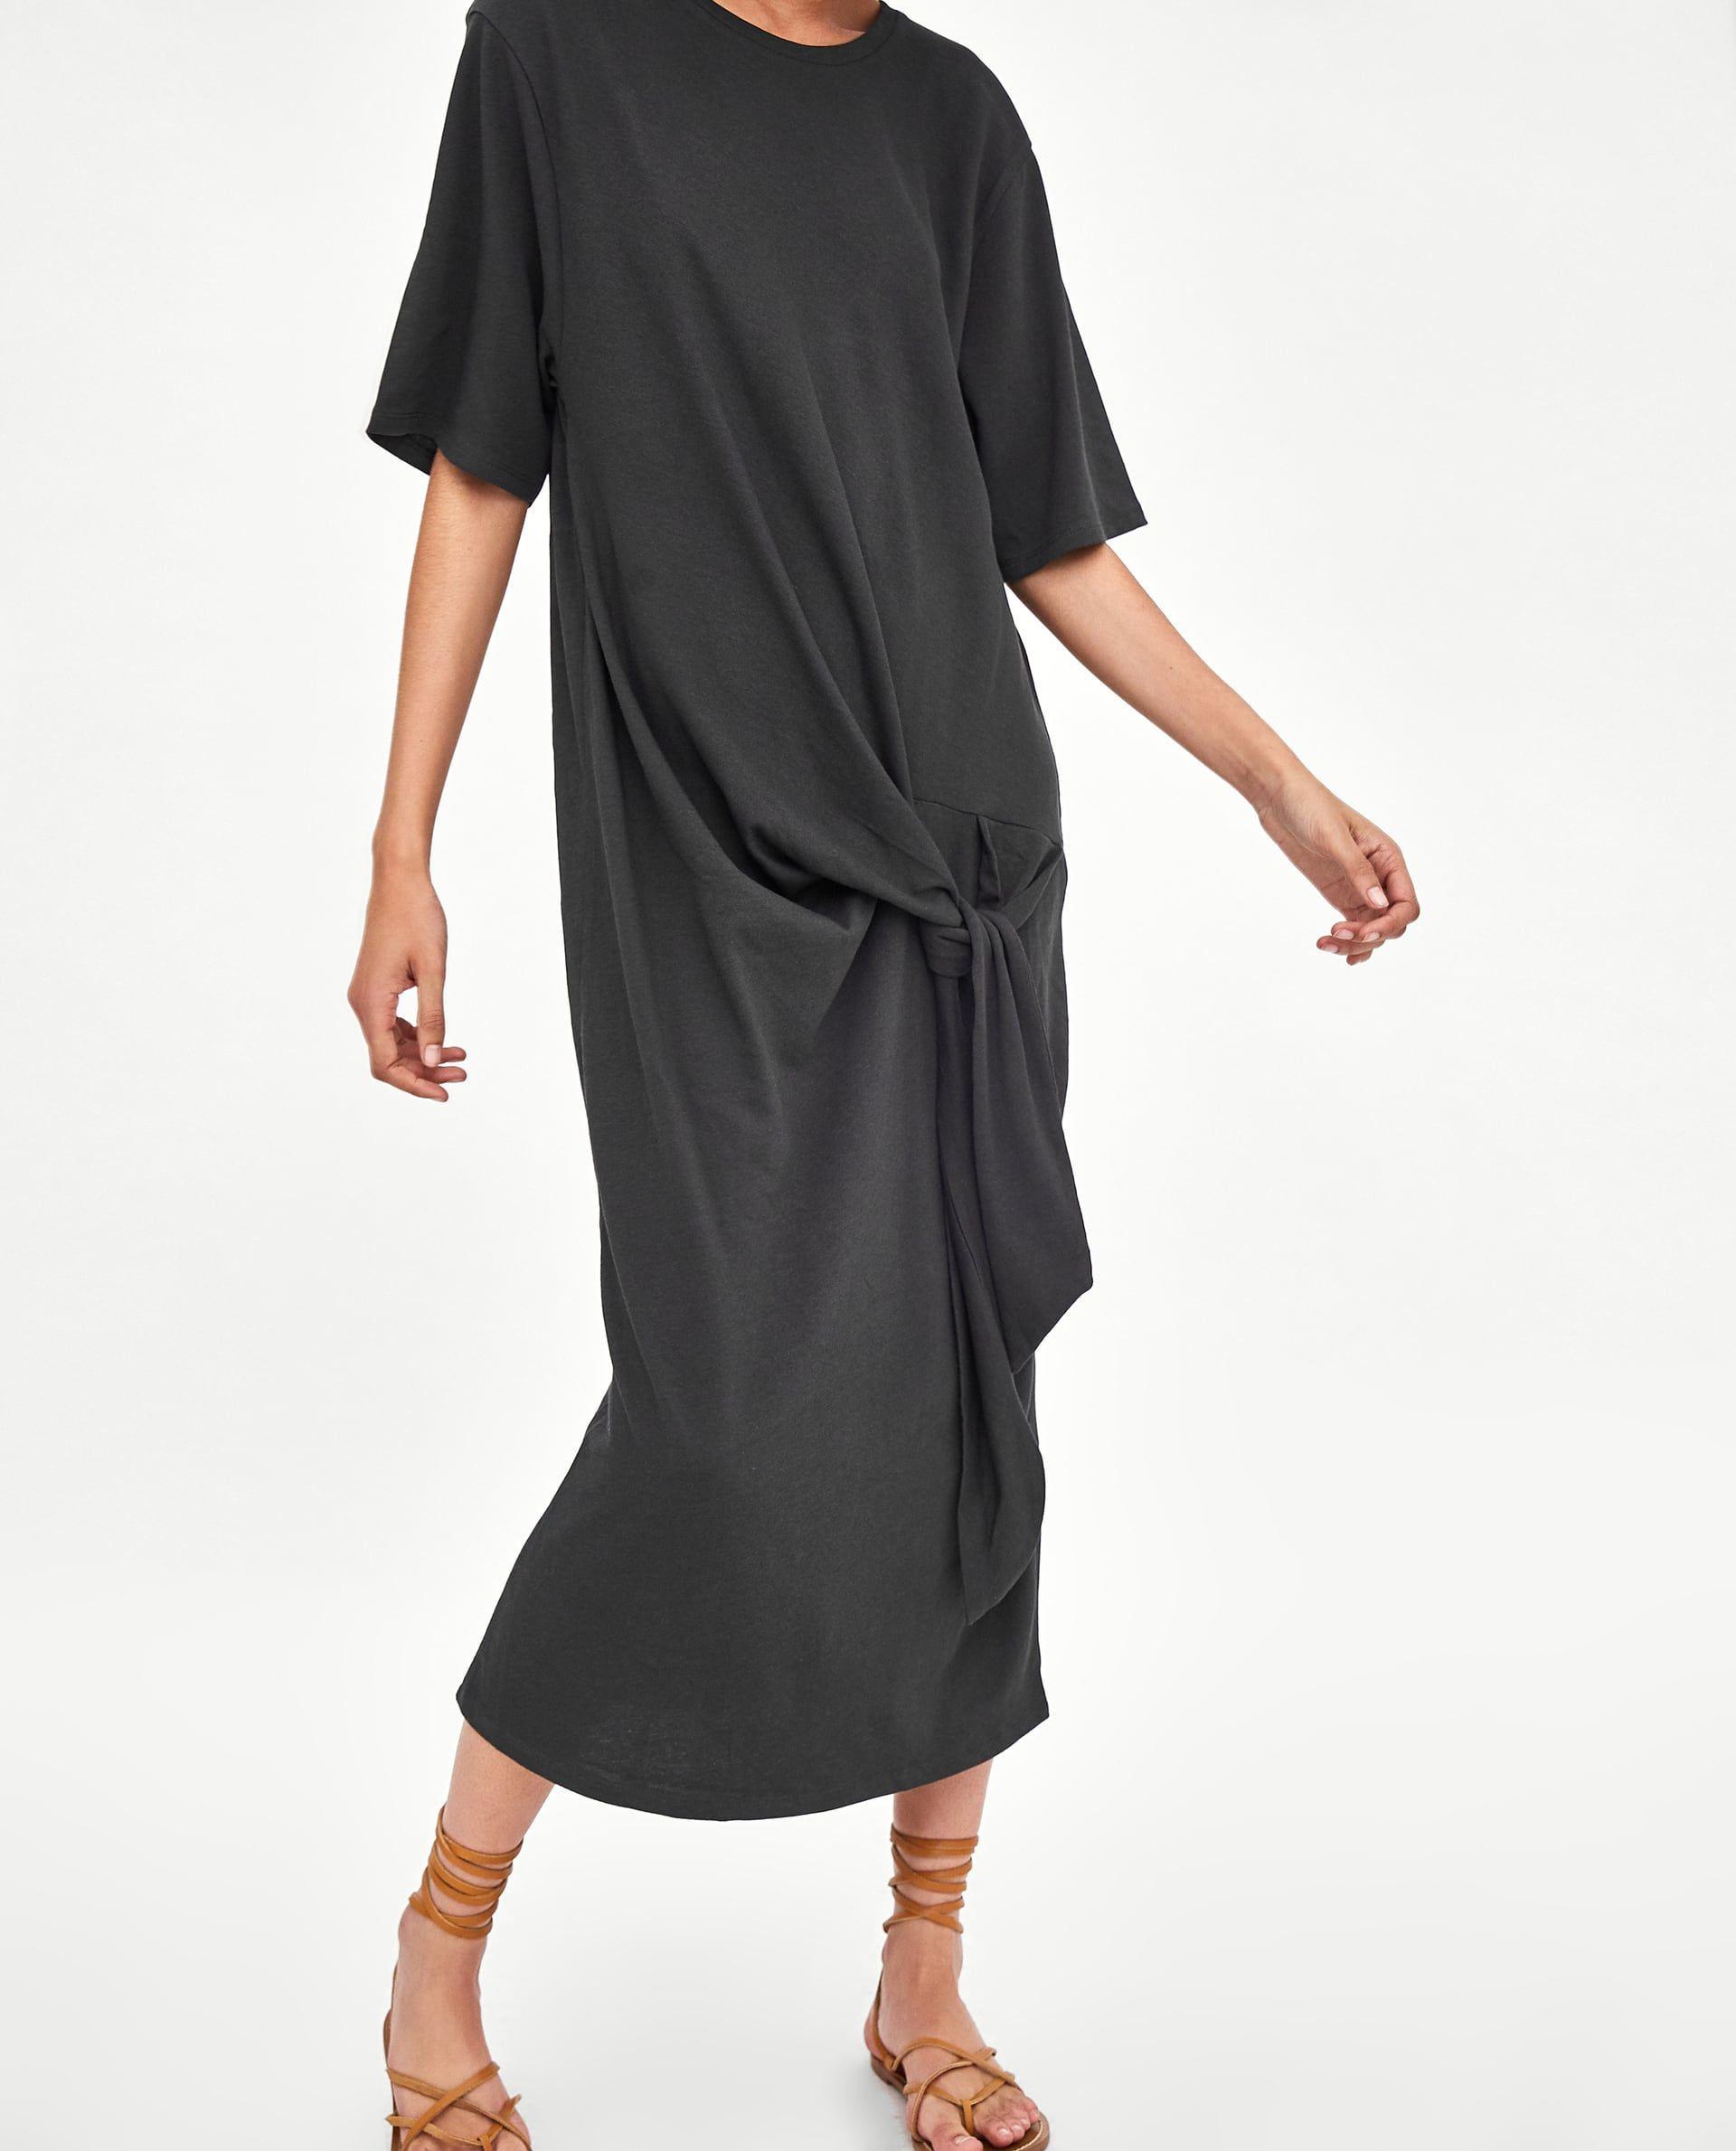 Kleid Mit Zierknoten  Modestil Kleider Reife Mode